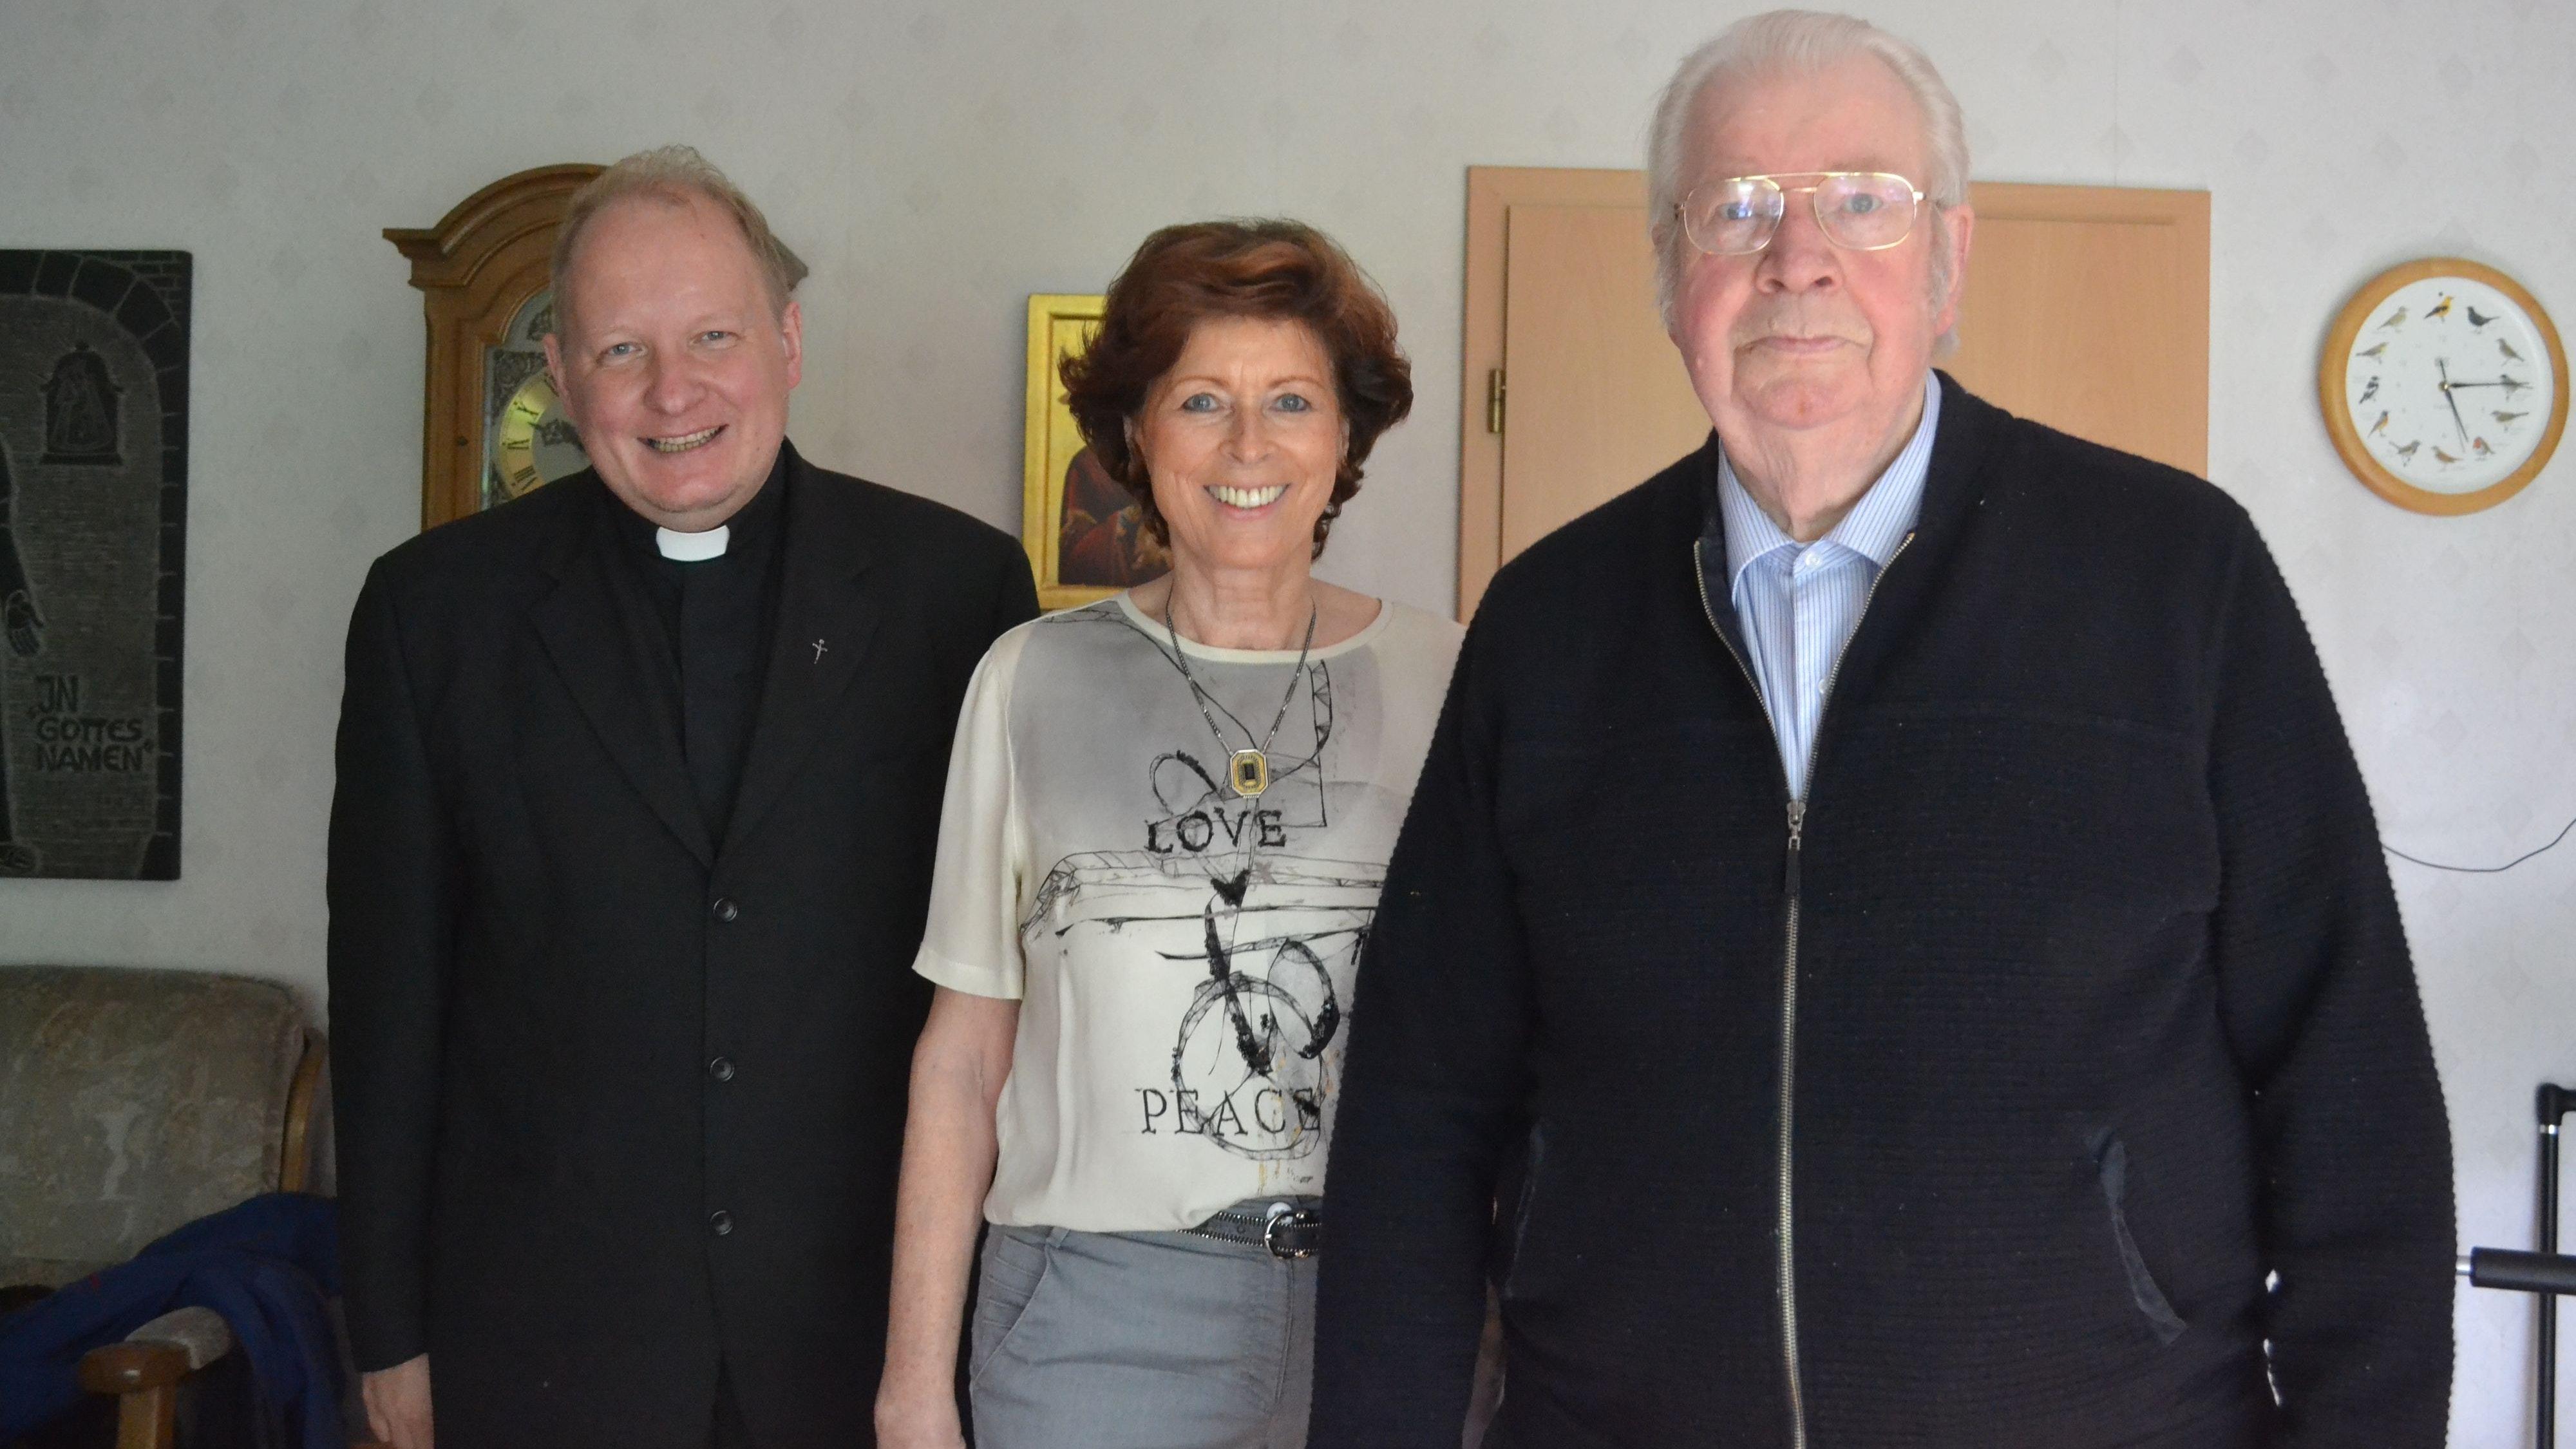 Wollen mit der Gemeinde feiern: Uwe Börner (links), Ria Deeken und Konrad Drees freuen sich auf den Freiluftgottesdienst am Samstag. Foto: Schrimper